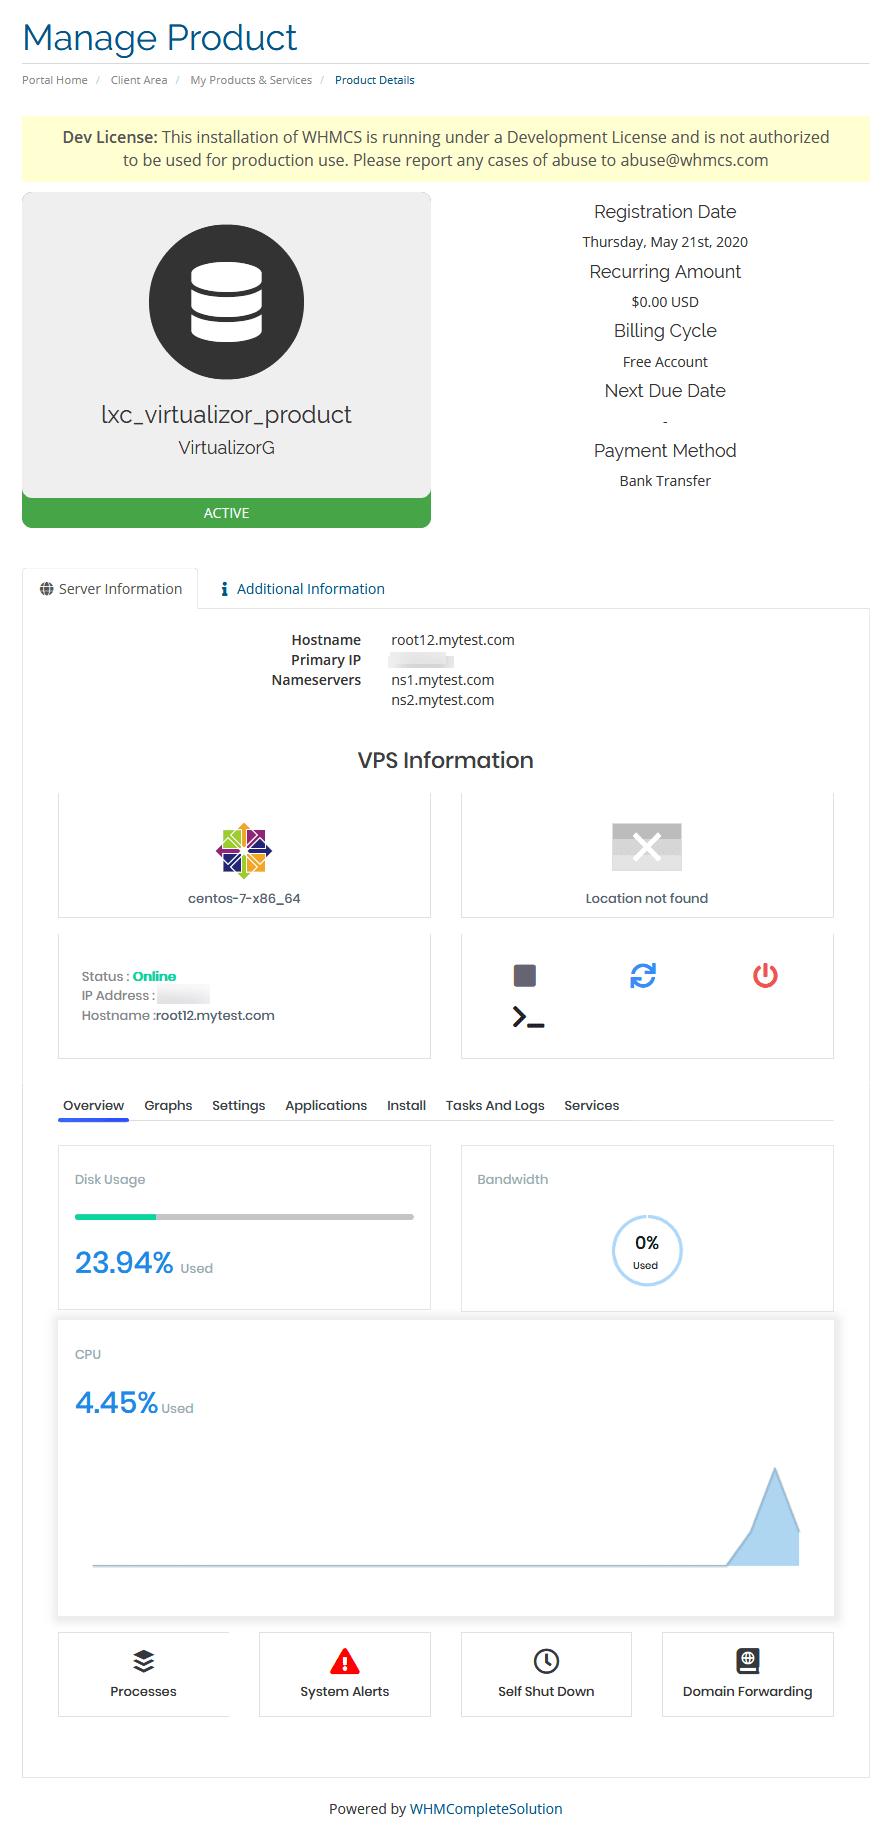 Client area product details